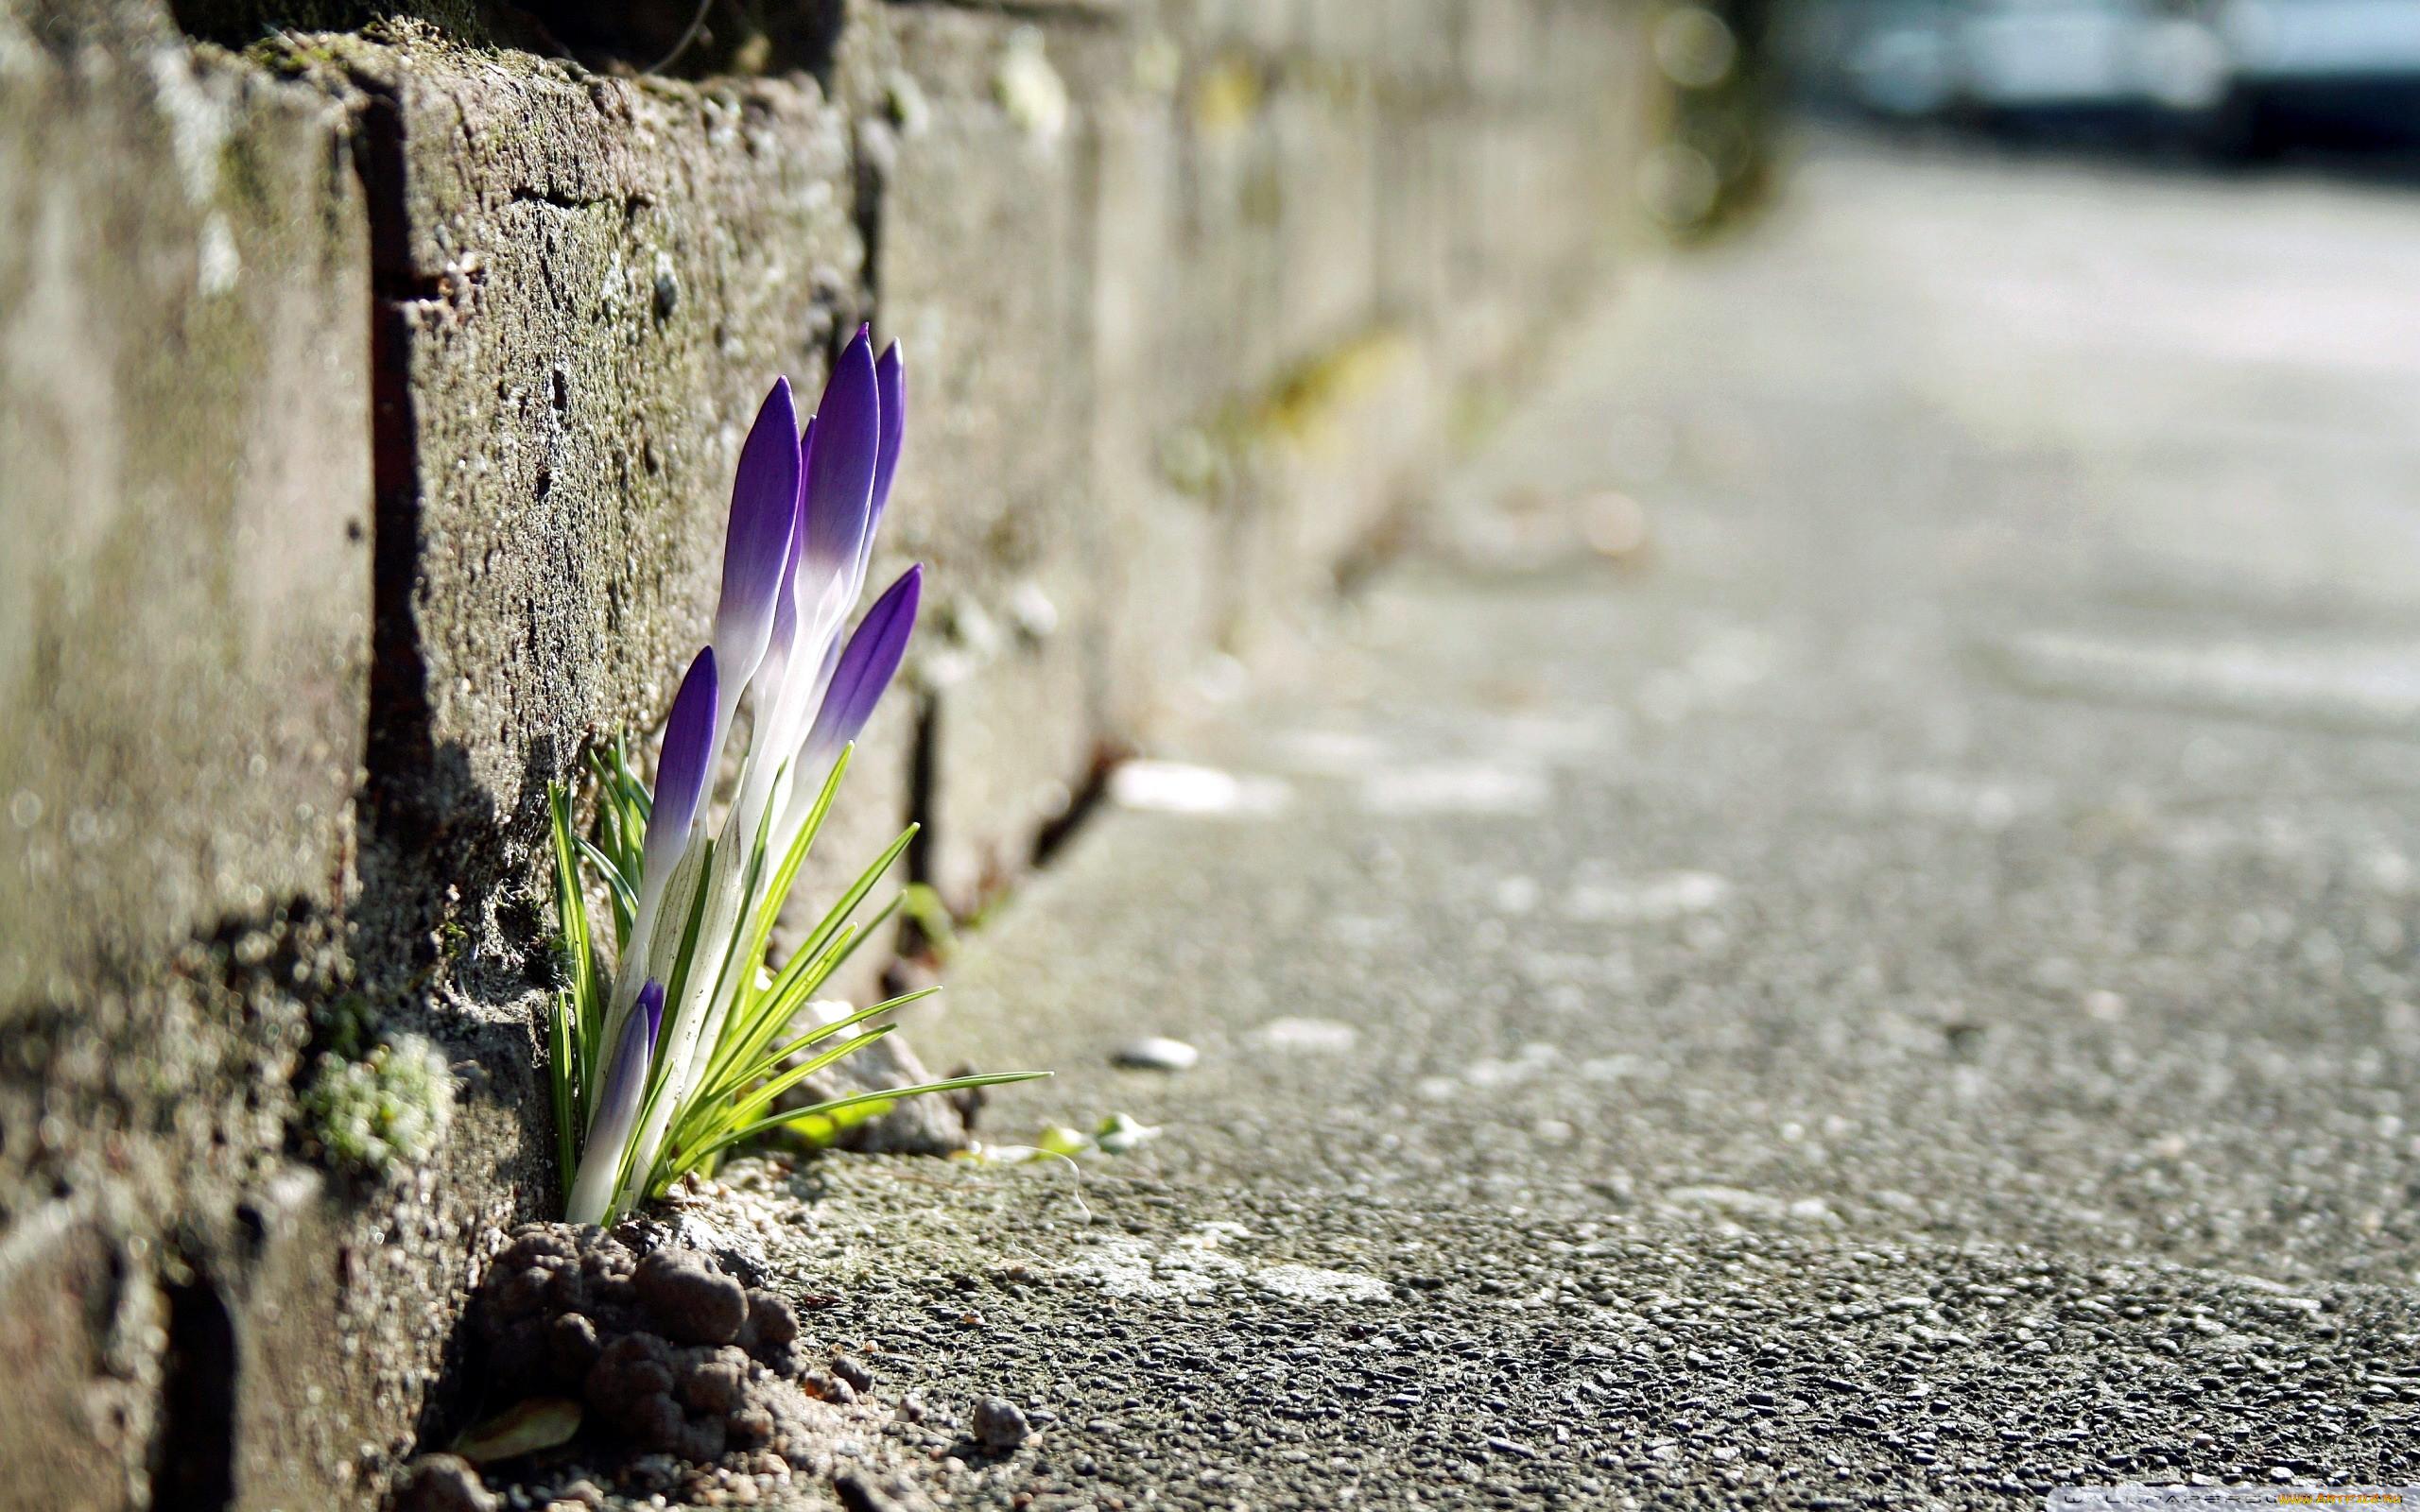 связи красивые картинки цветок из асфальта способны создавать электрические